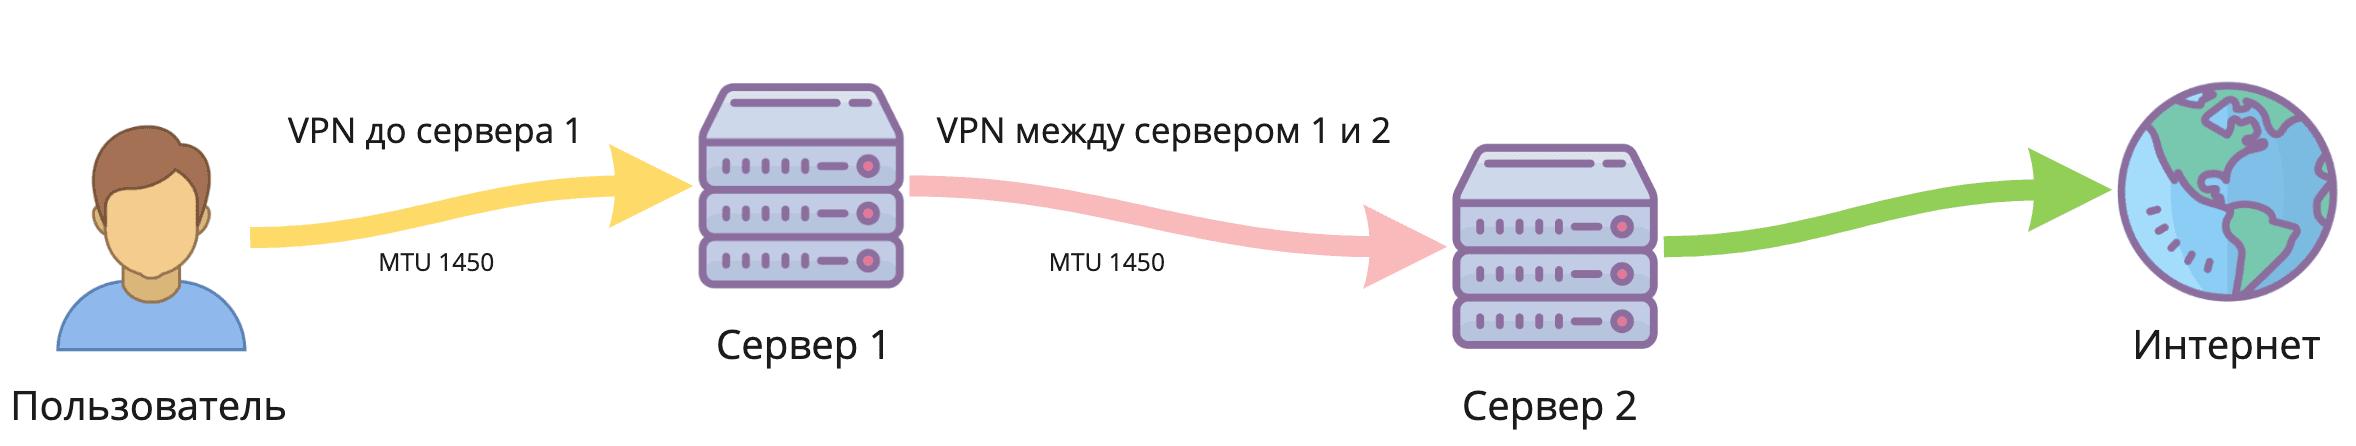 Двойной VPN в один клик. Как легко разделить IP-адрес точки входа и выхода - 2